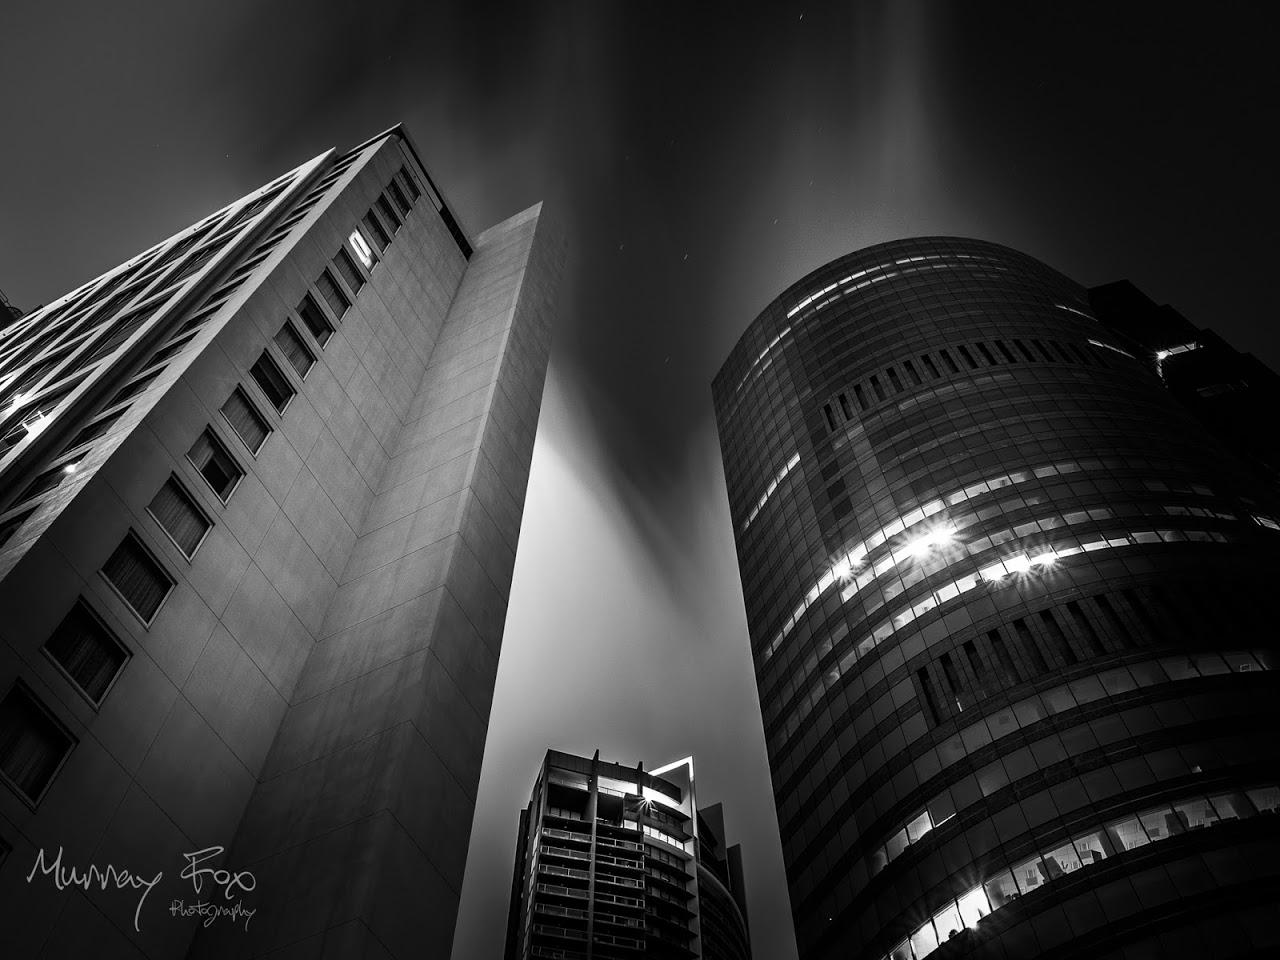 Brisbane by Night - Murray Fox